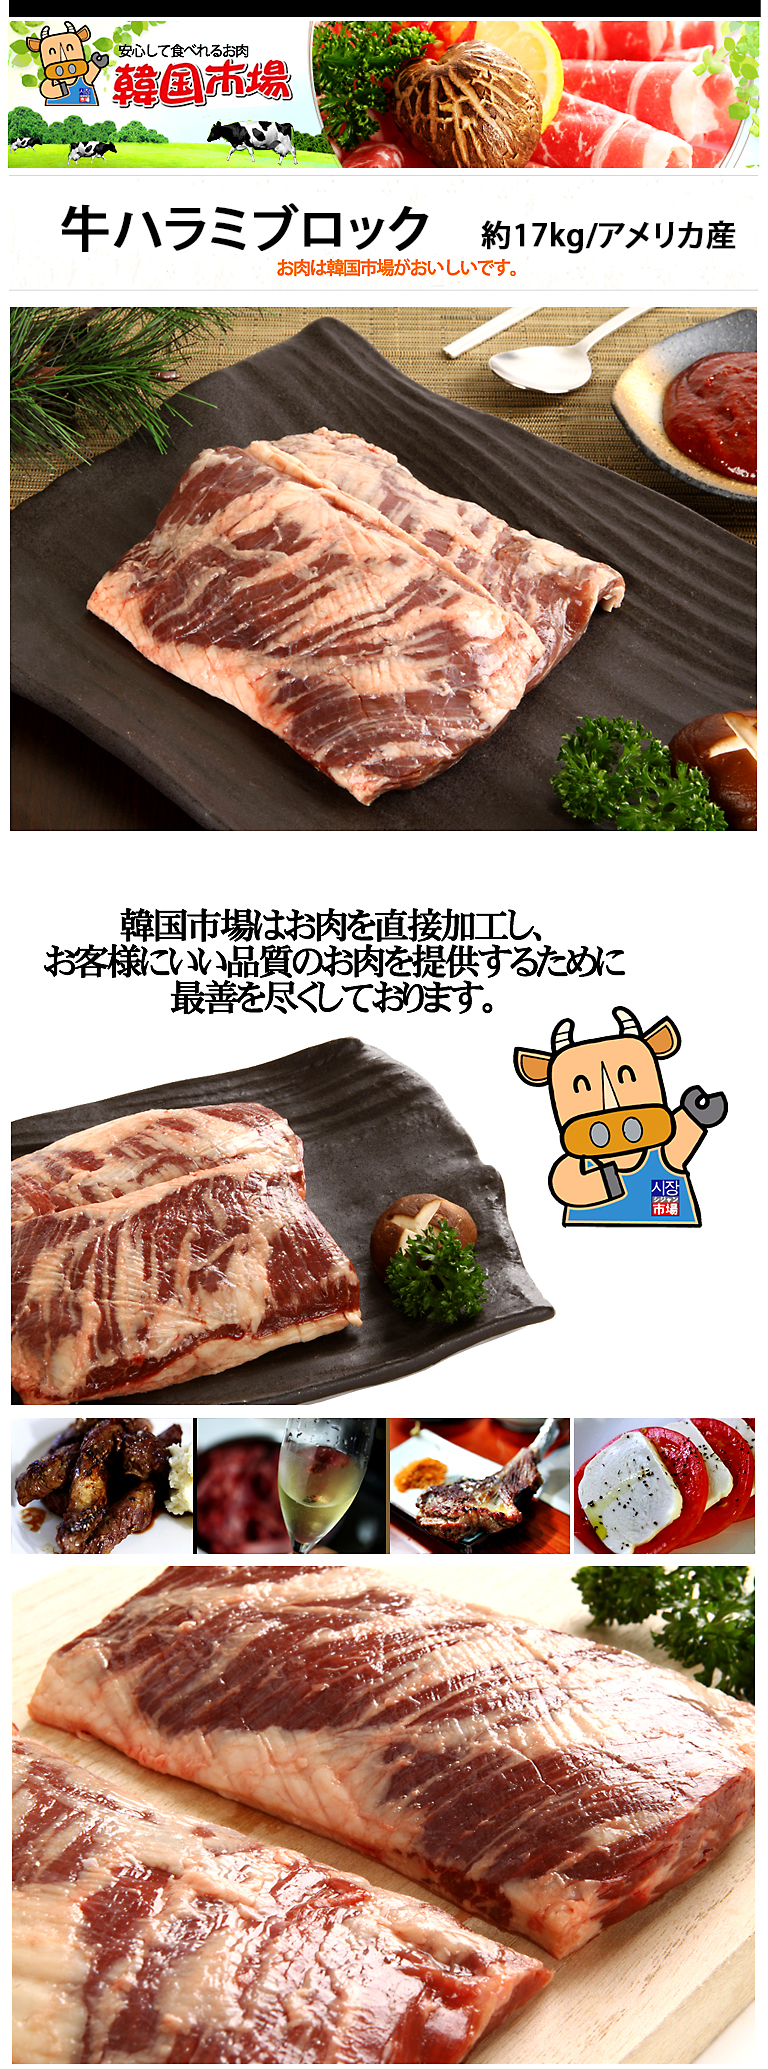 焼肉、牛ハラミ丼、牛ハラミのステーキなど